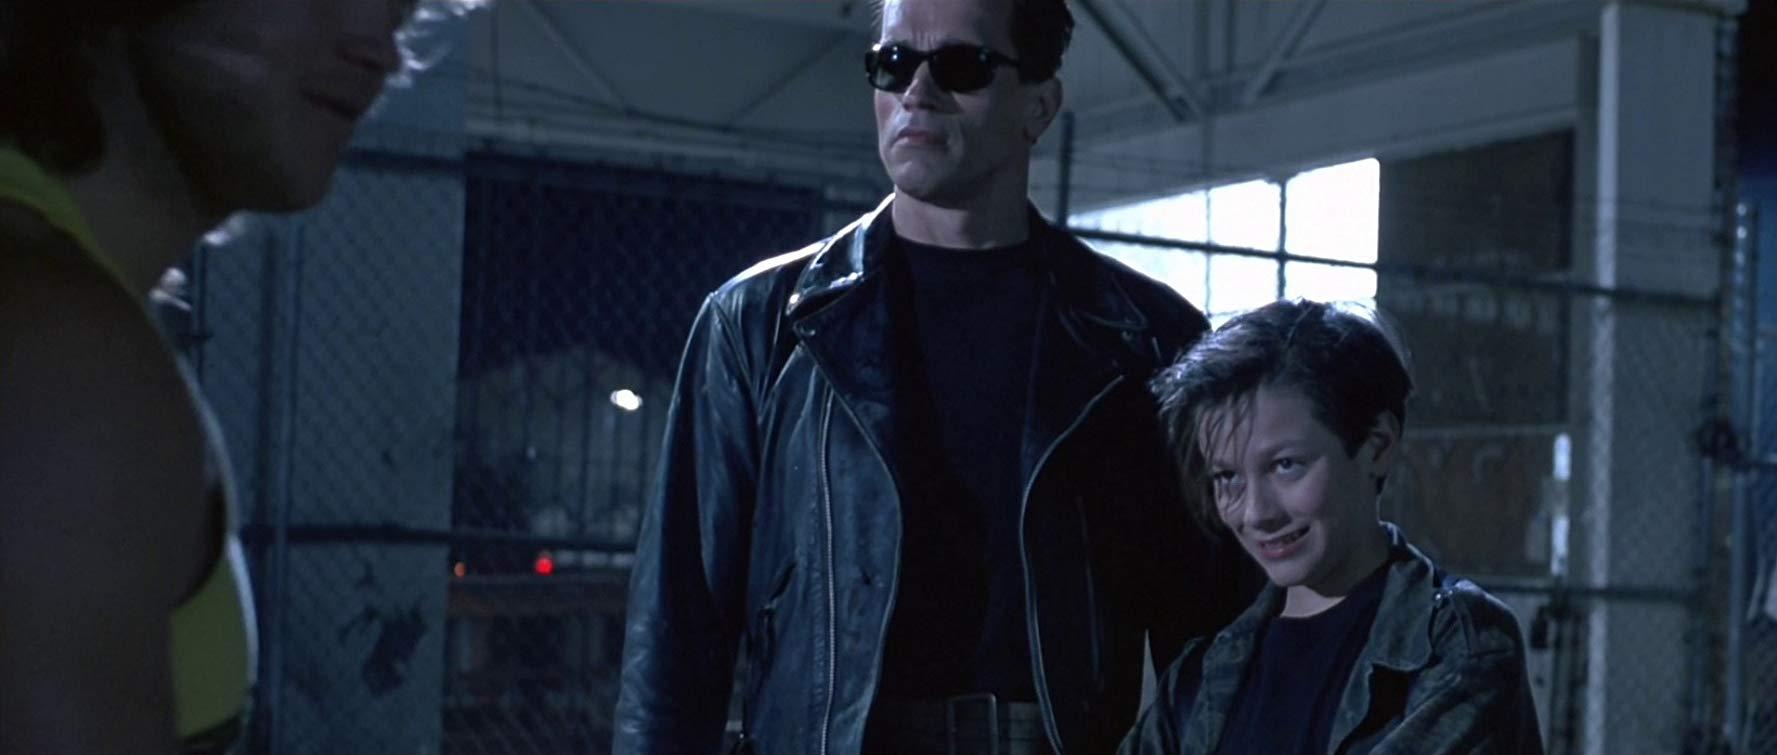 En Blu-ray UHD, Terminator 2 s'offre une cure de jouvence